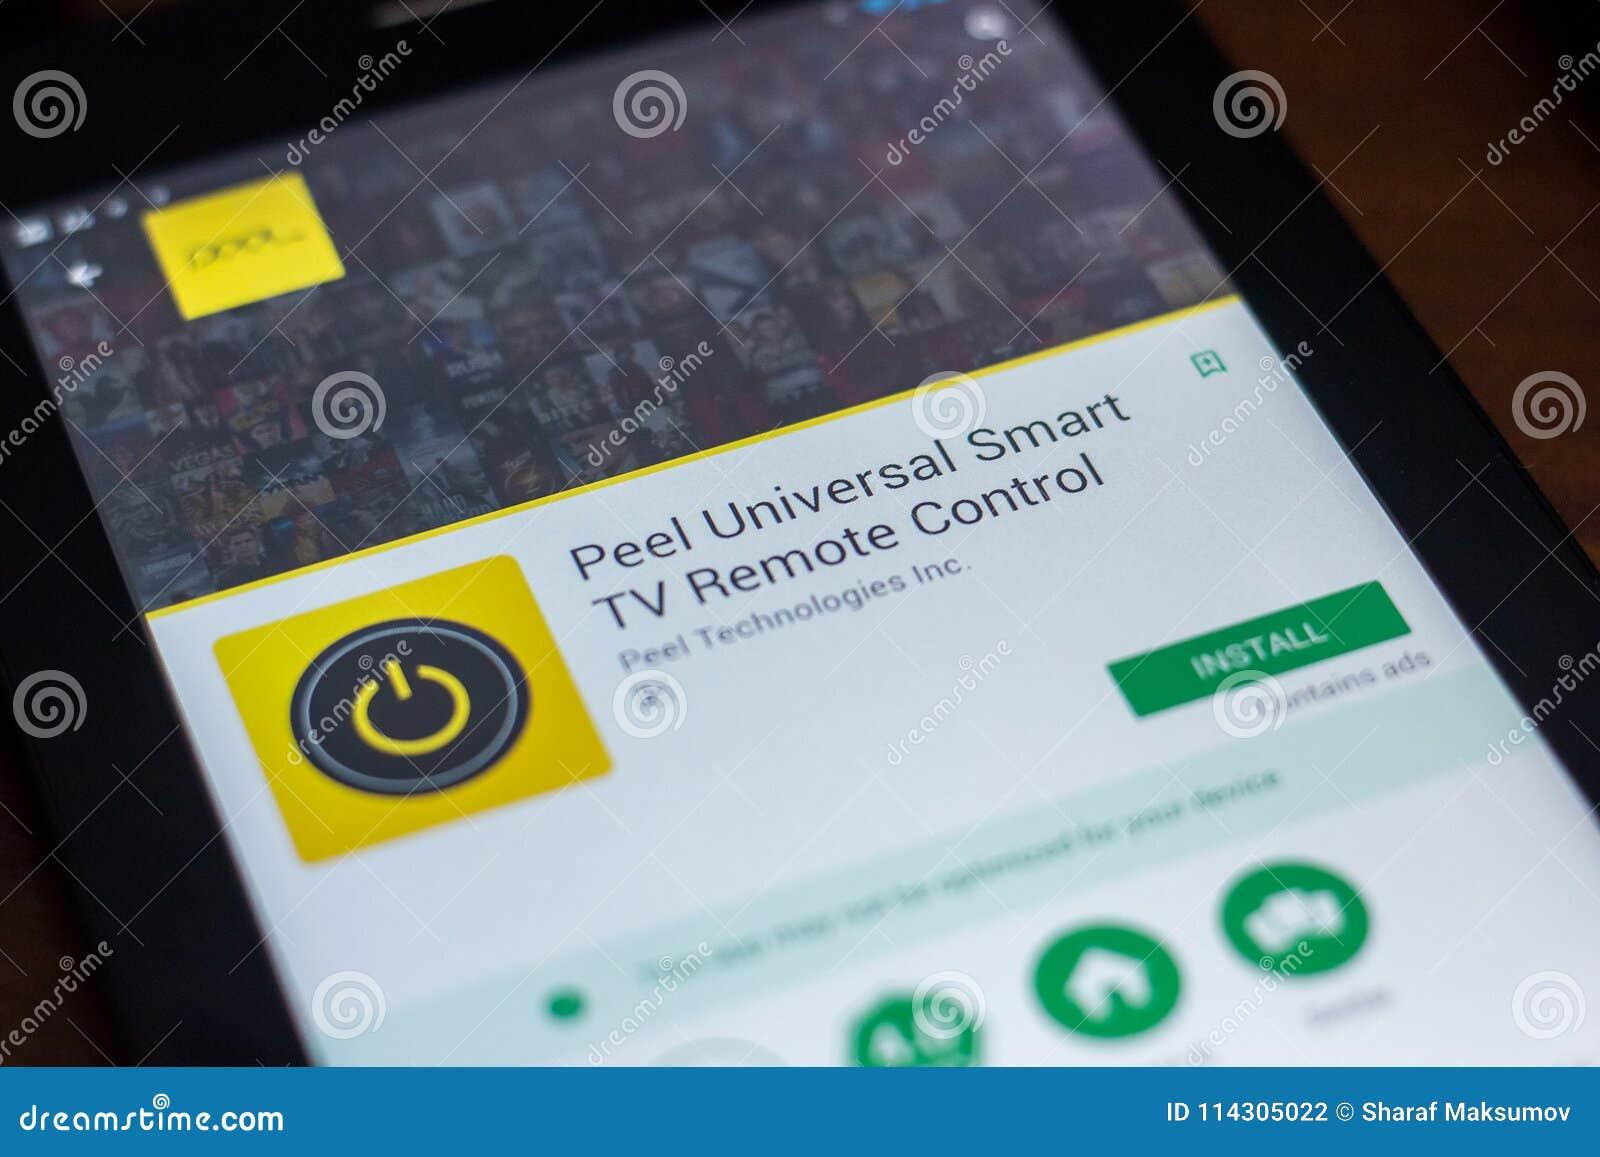 Remote Control Tv App